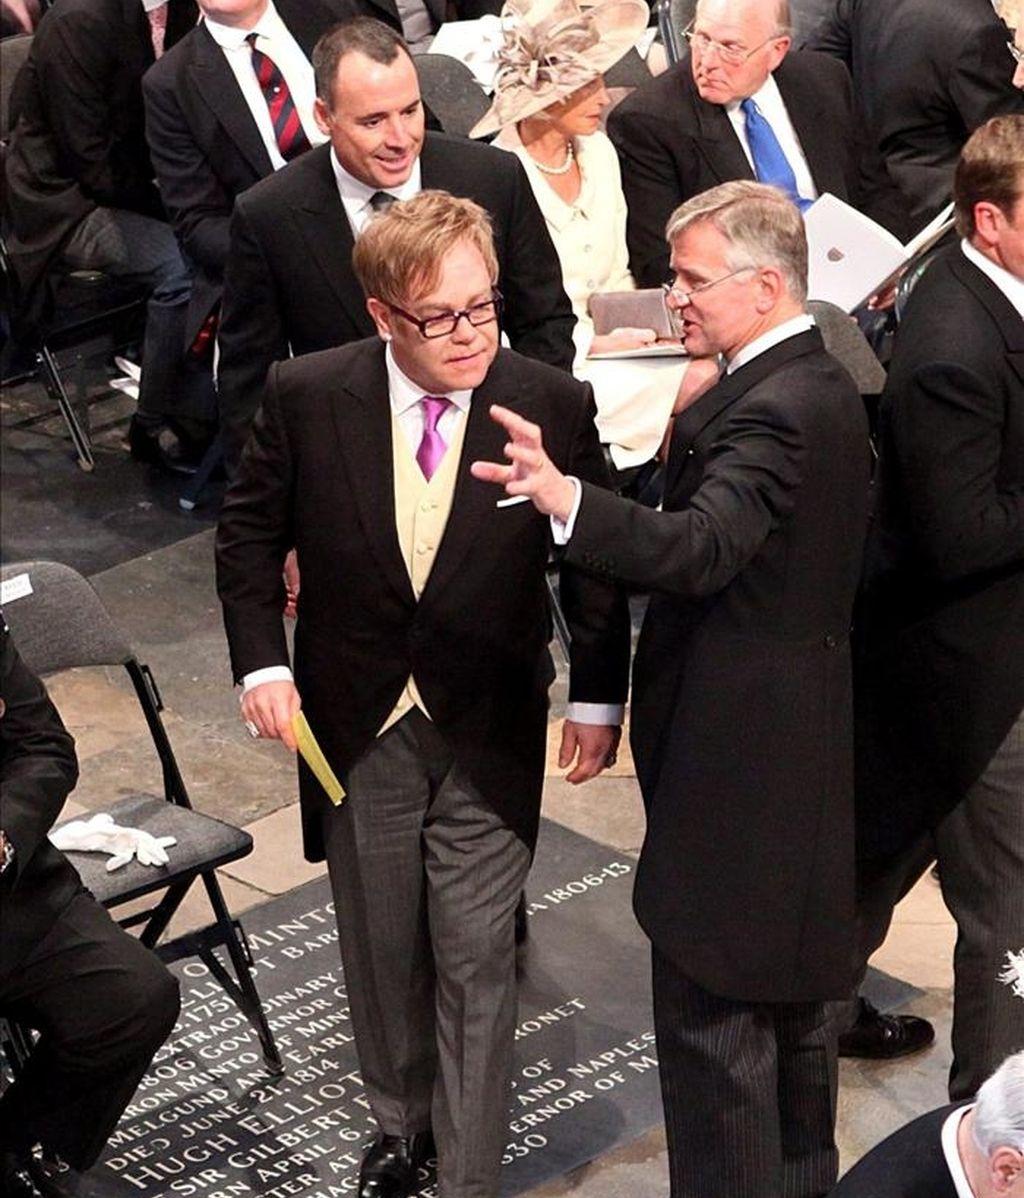 El cantante británico Sir Elton John (i) y su marido David Furnish (detrás) se disponen a tomar asiento en el interior de la abadía de Westminster para presenciar la boda entre el príncipe Guillermo y Kate Middleton, en Londres (Reino Unido), hoy, viernes, 29 de abril de 2011. EFE